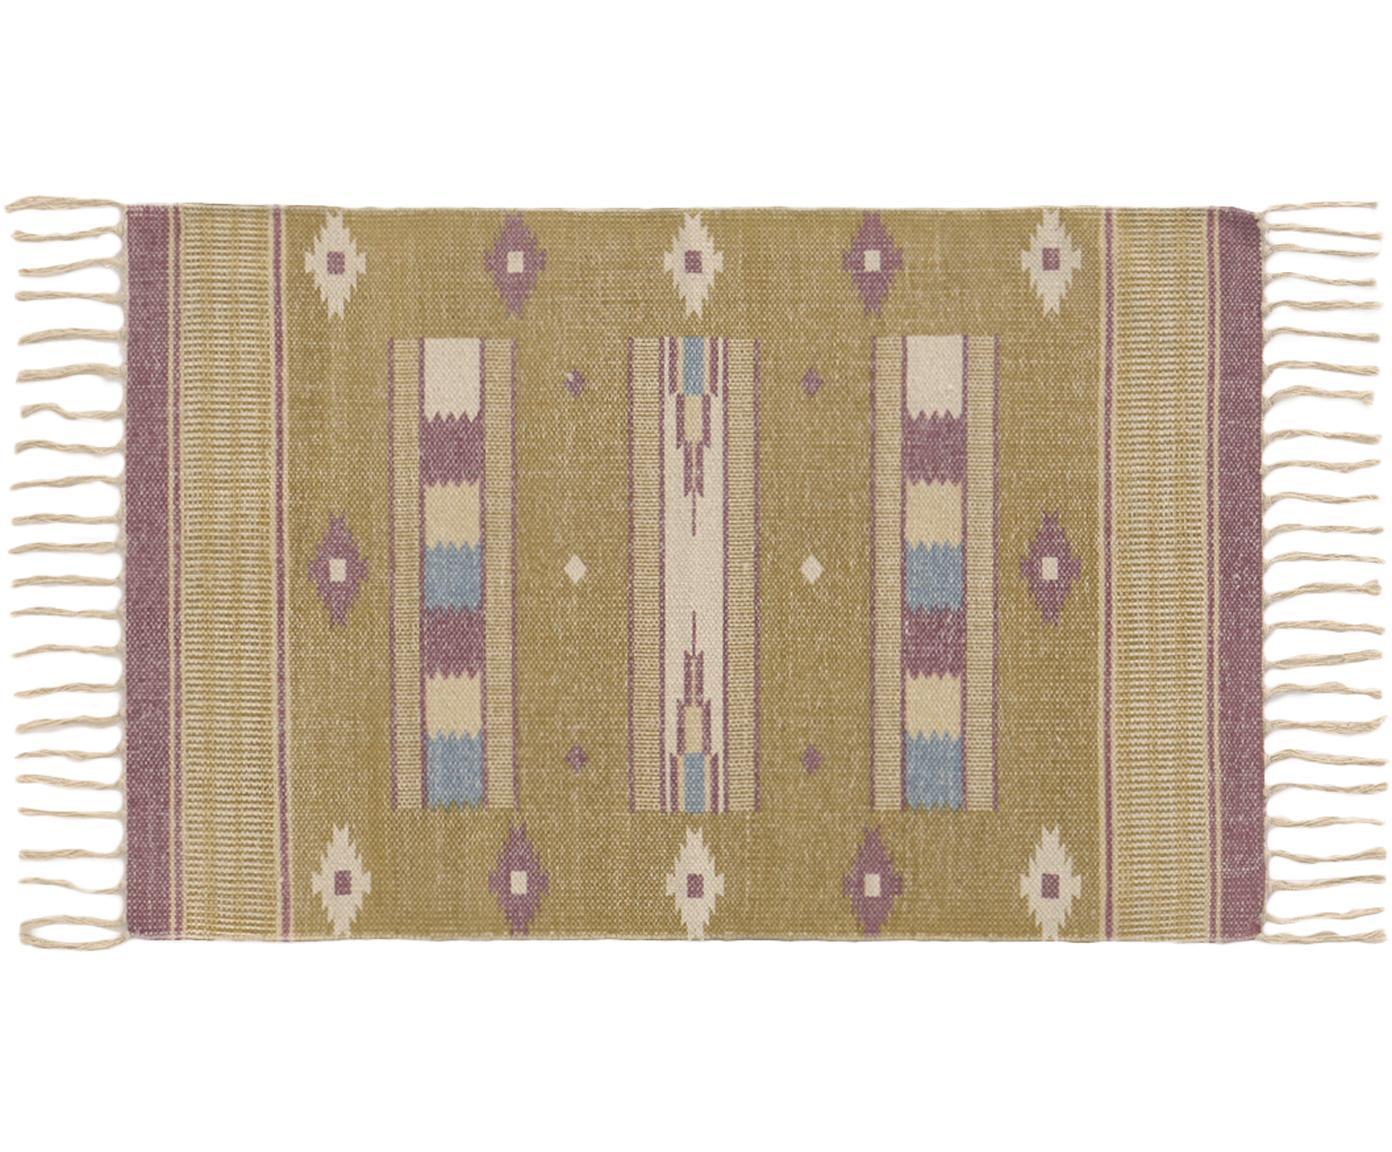 Vloerkleed Kamel, Katoen, Mosterdgeel, beige, lila, blauw, 60 x 90 cm